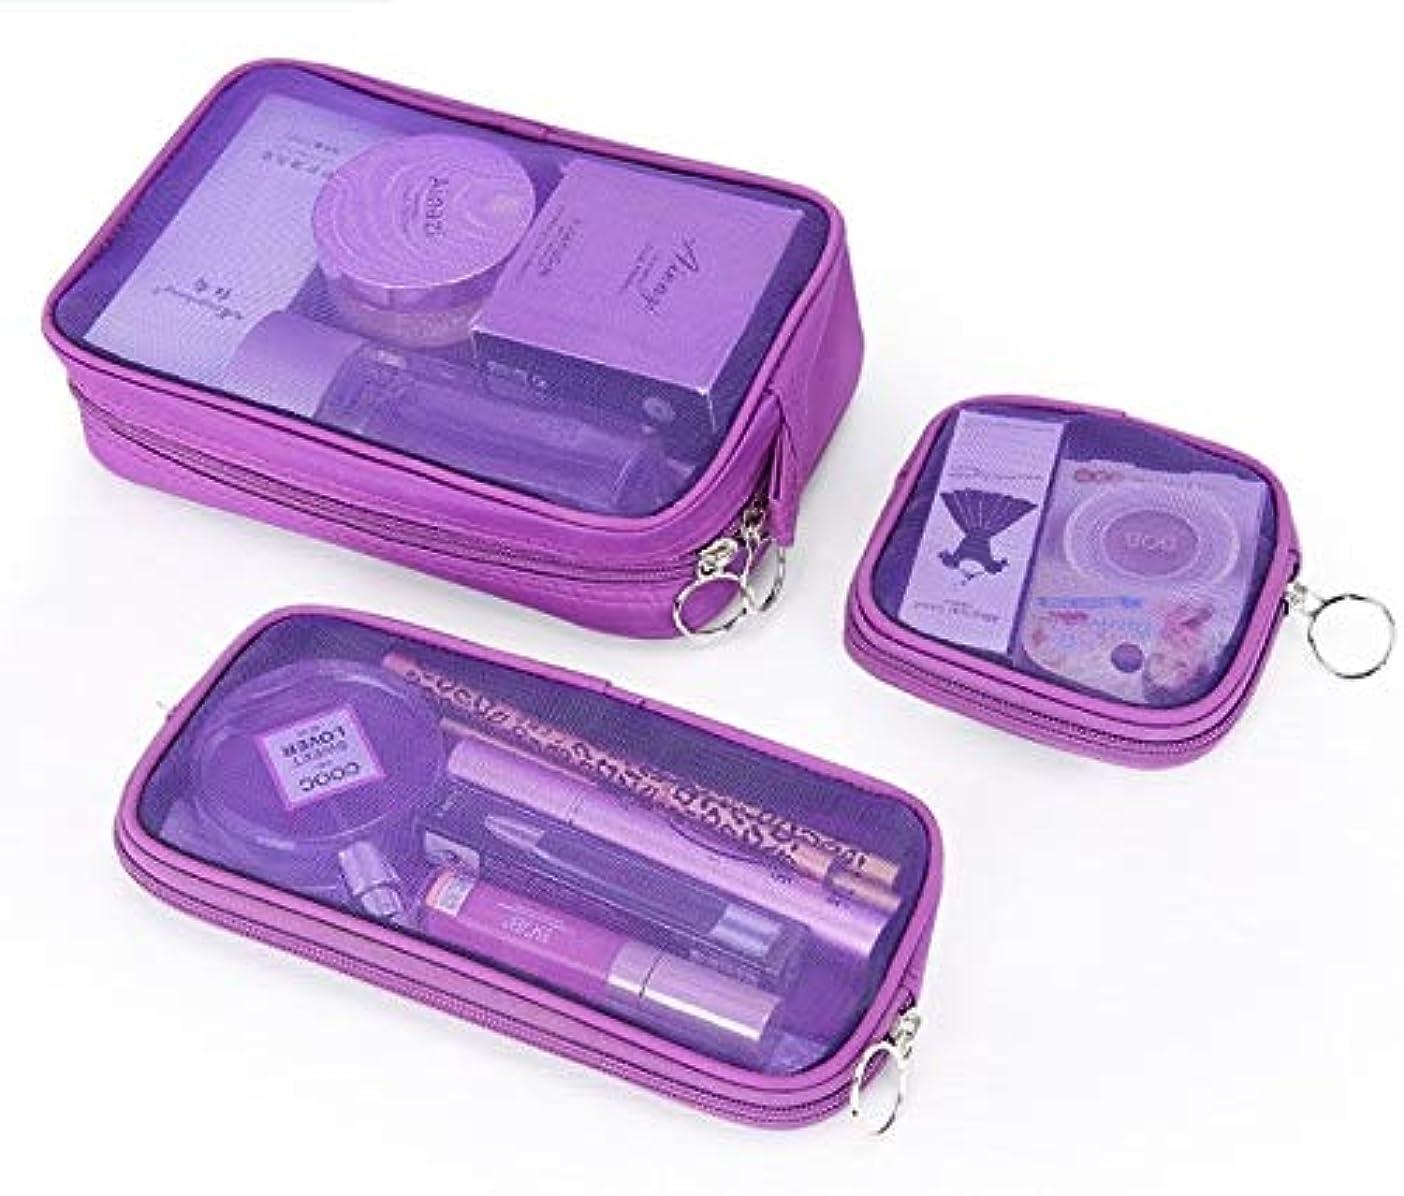 加速する面積刑務所化粧箱、3の透明メッシュ化粧品袋セット、ポータブル旅行化粧品袋収納袋、美容ネイルジュエリー収納ボックス (Color : Purple)